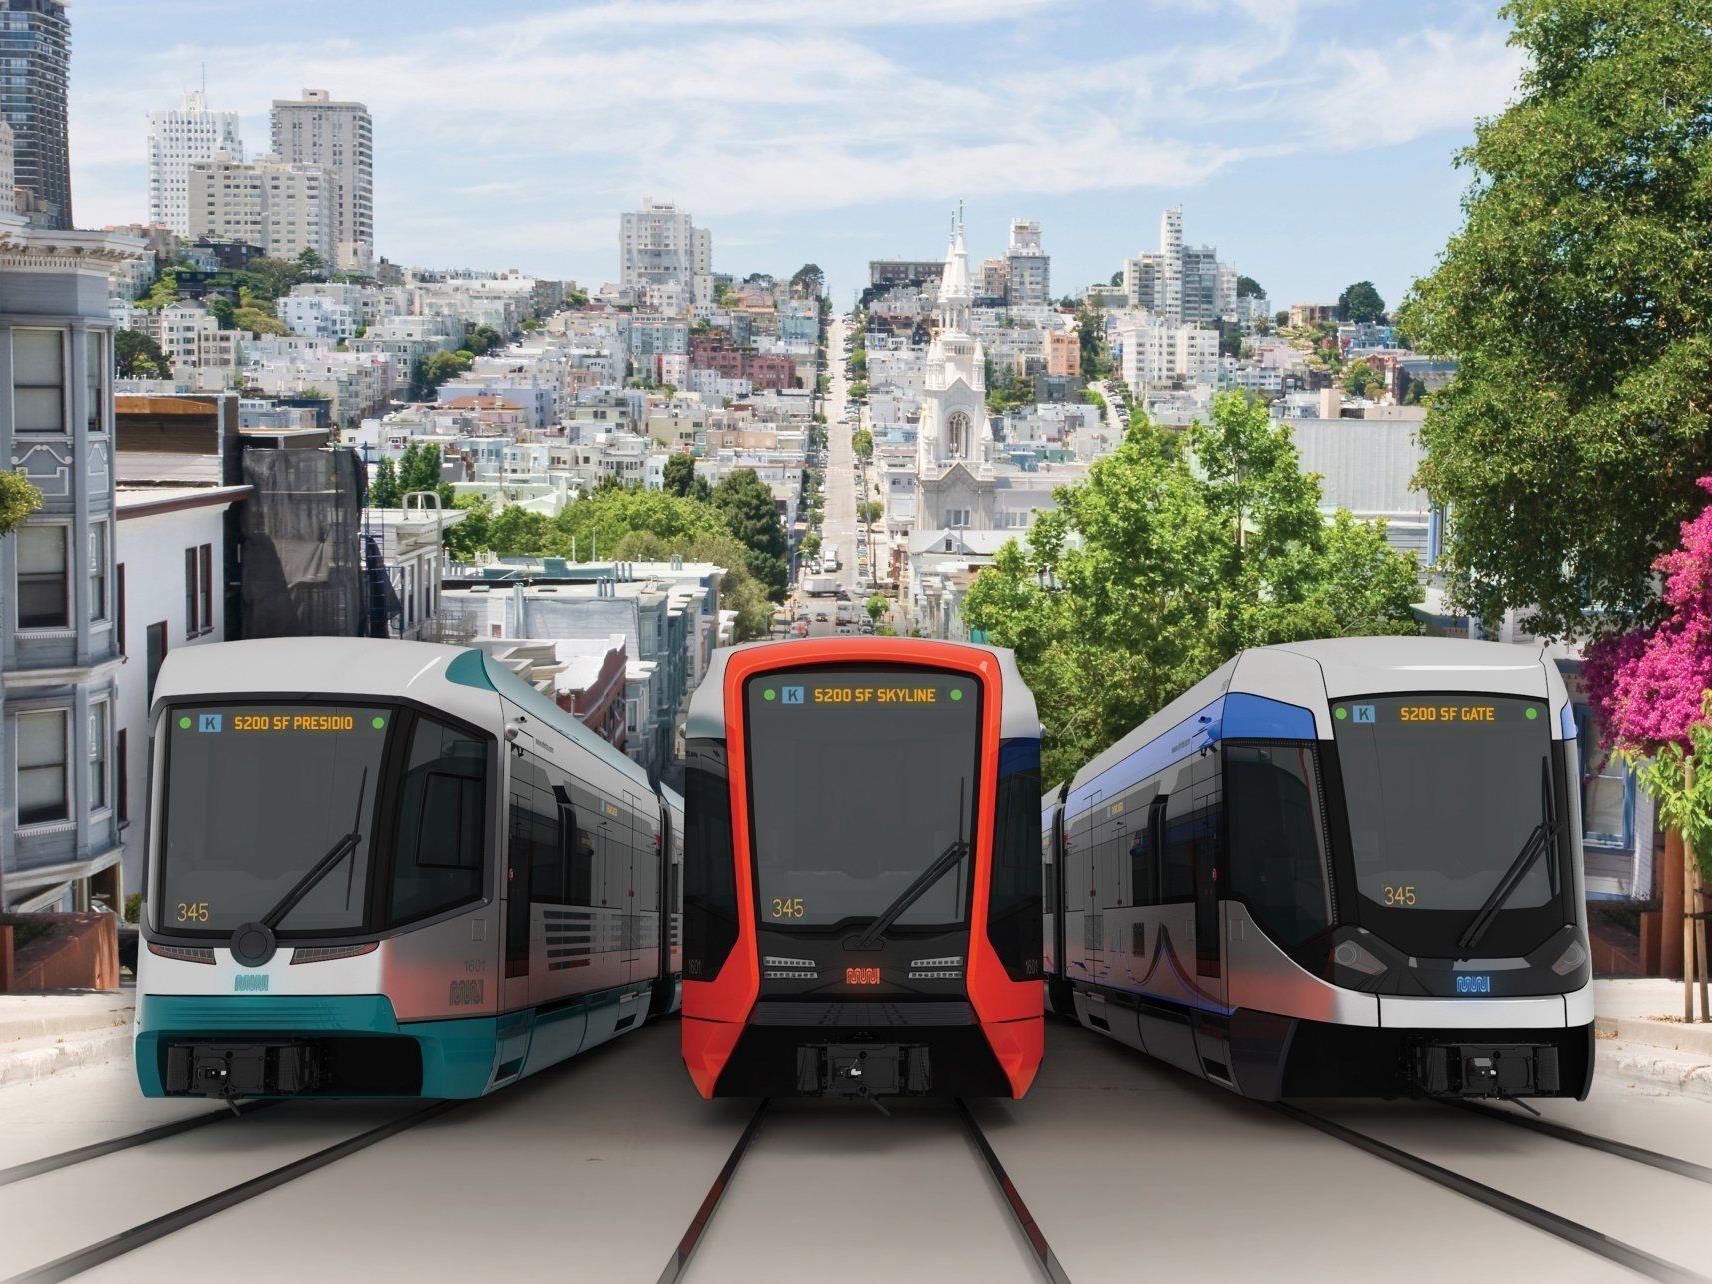 : Drei von Siemens vorgeschlagene Zugdesignvarianten.